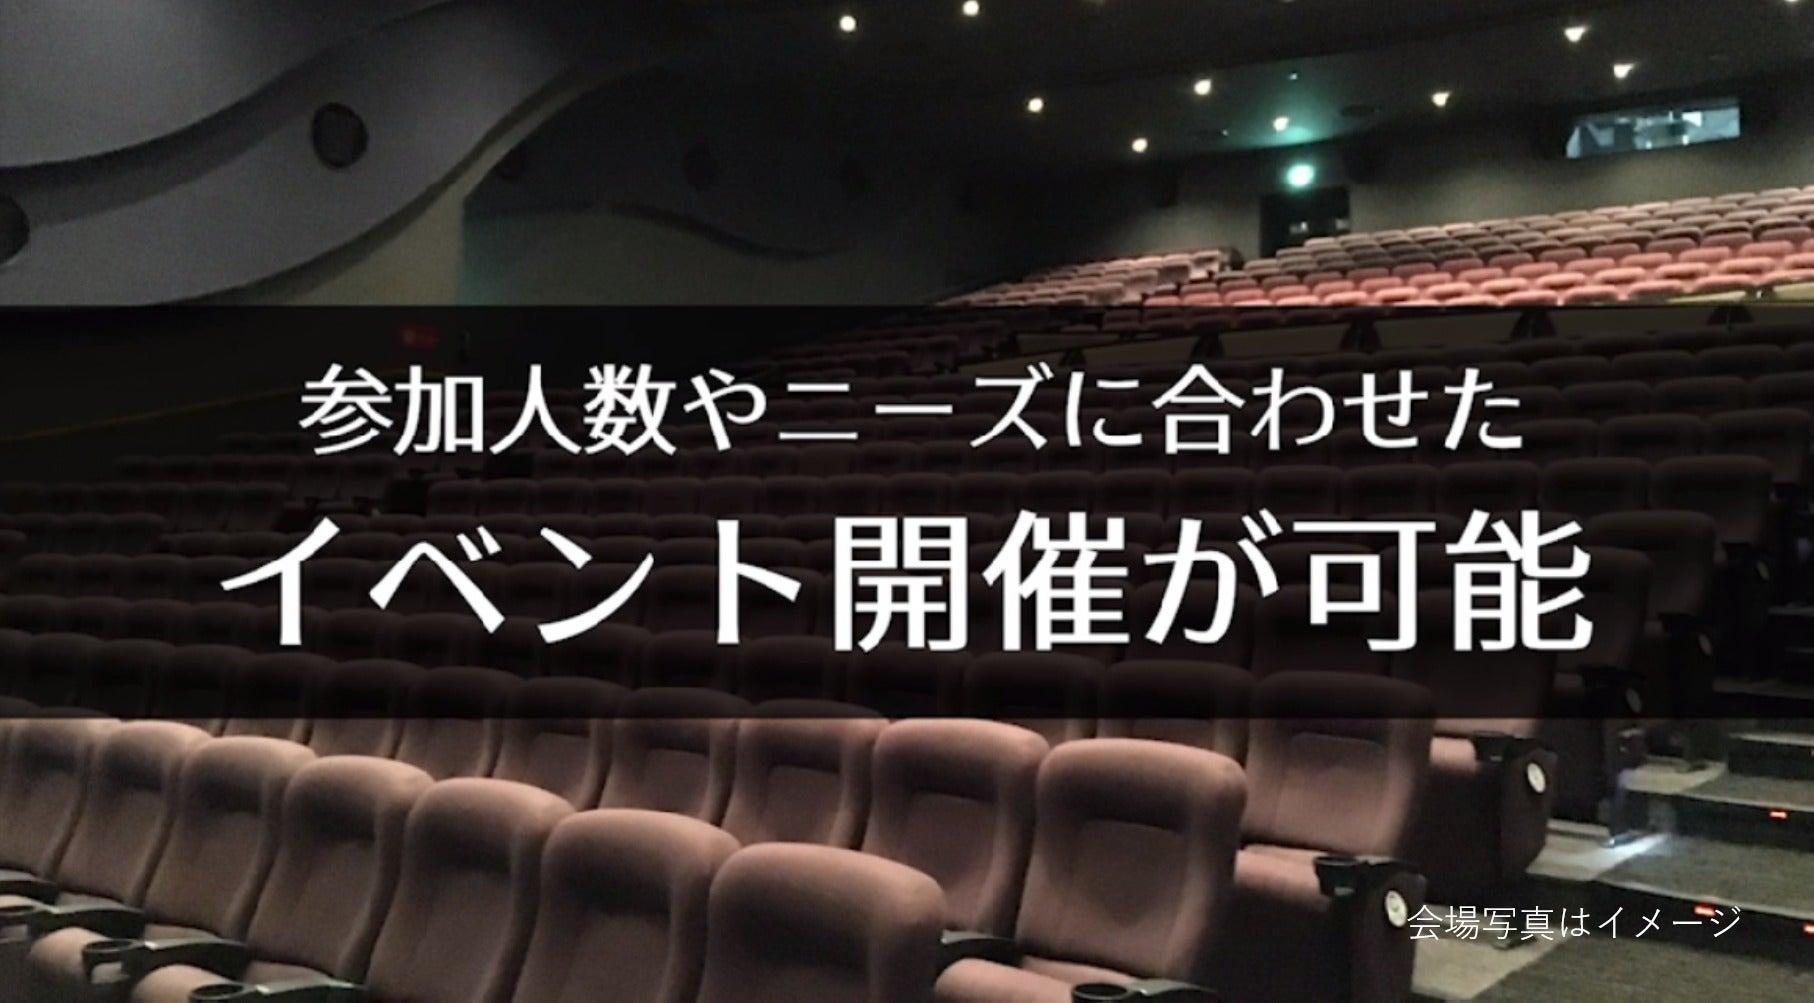 【前橋 162席】映画館で、会社説明会、株主総会、講演会の企画はいかがですか?